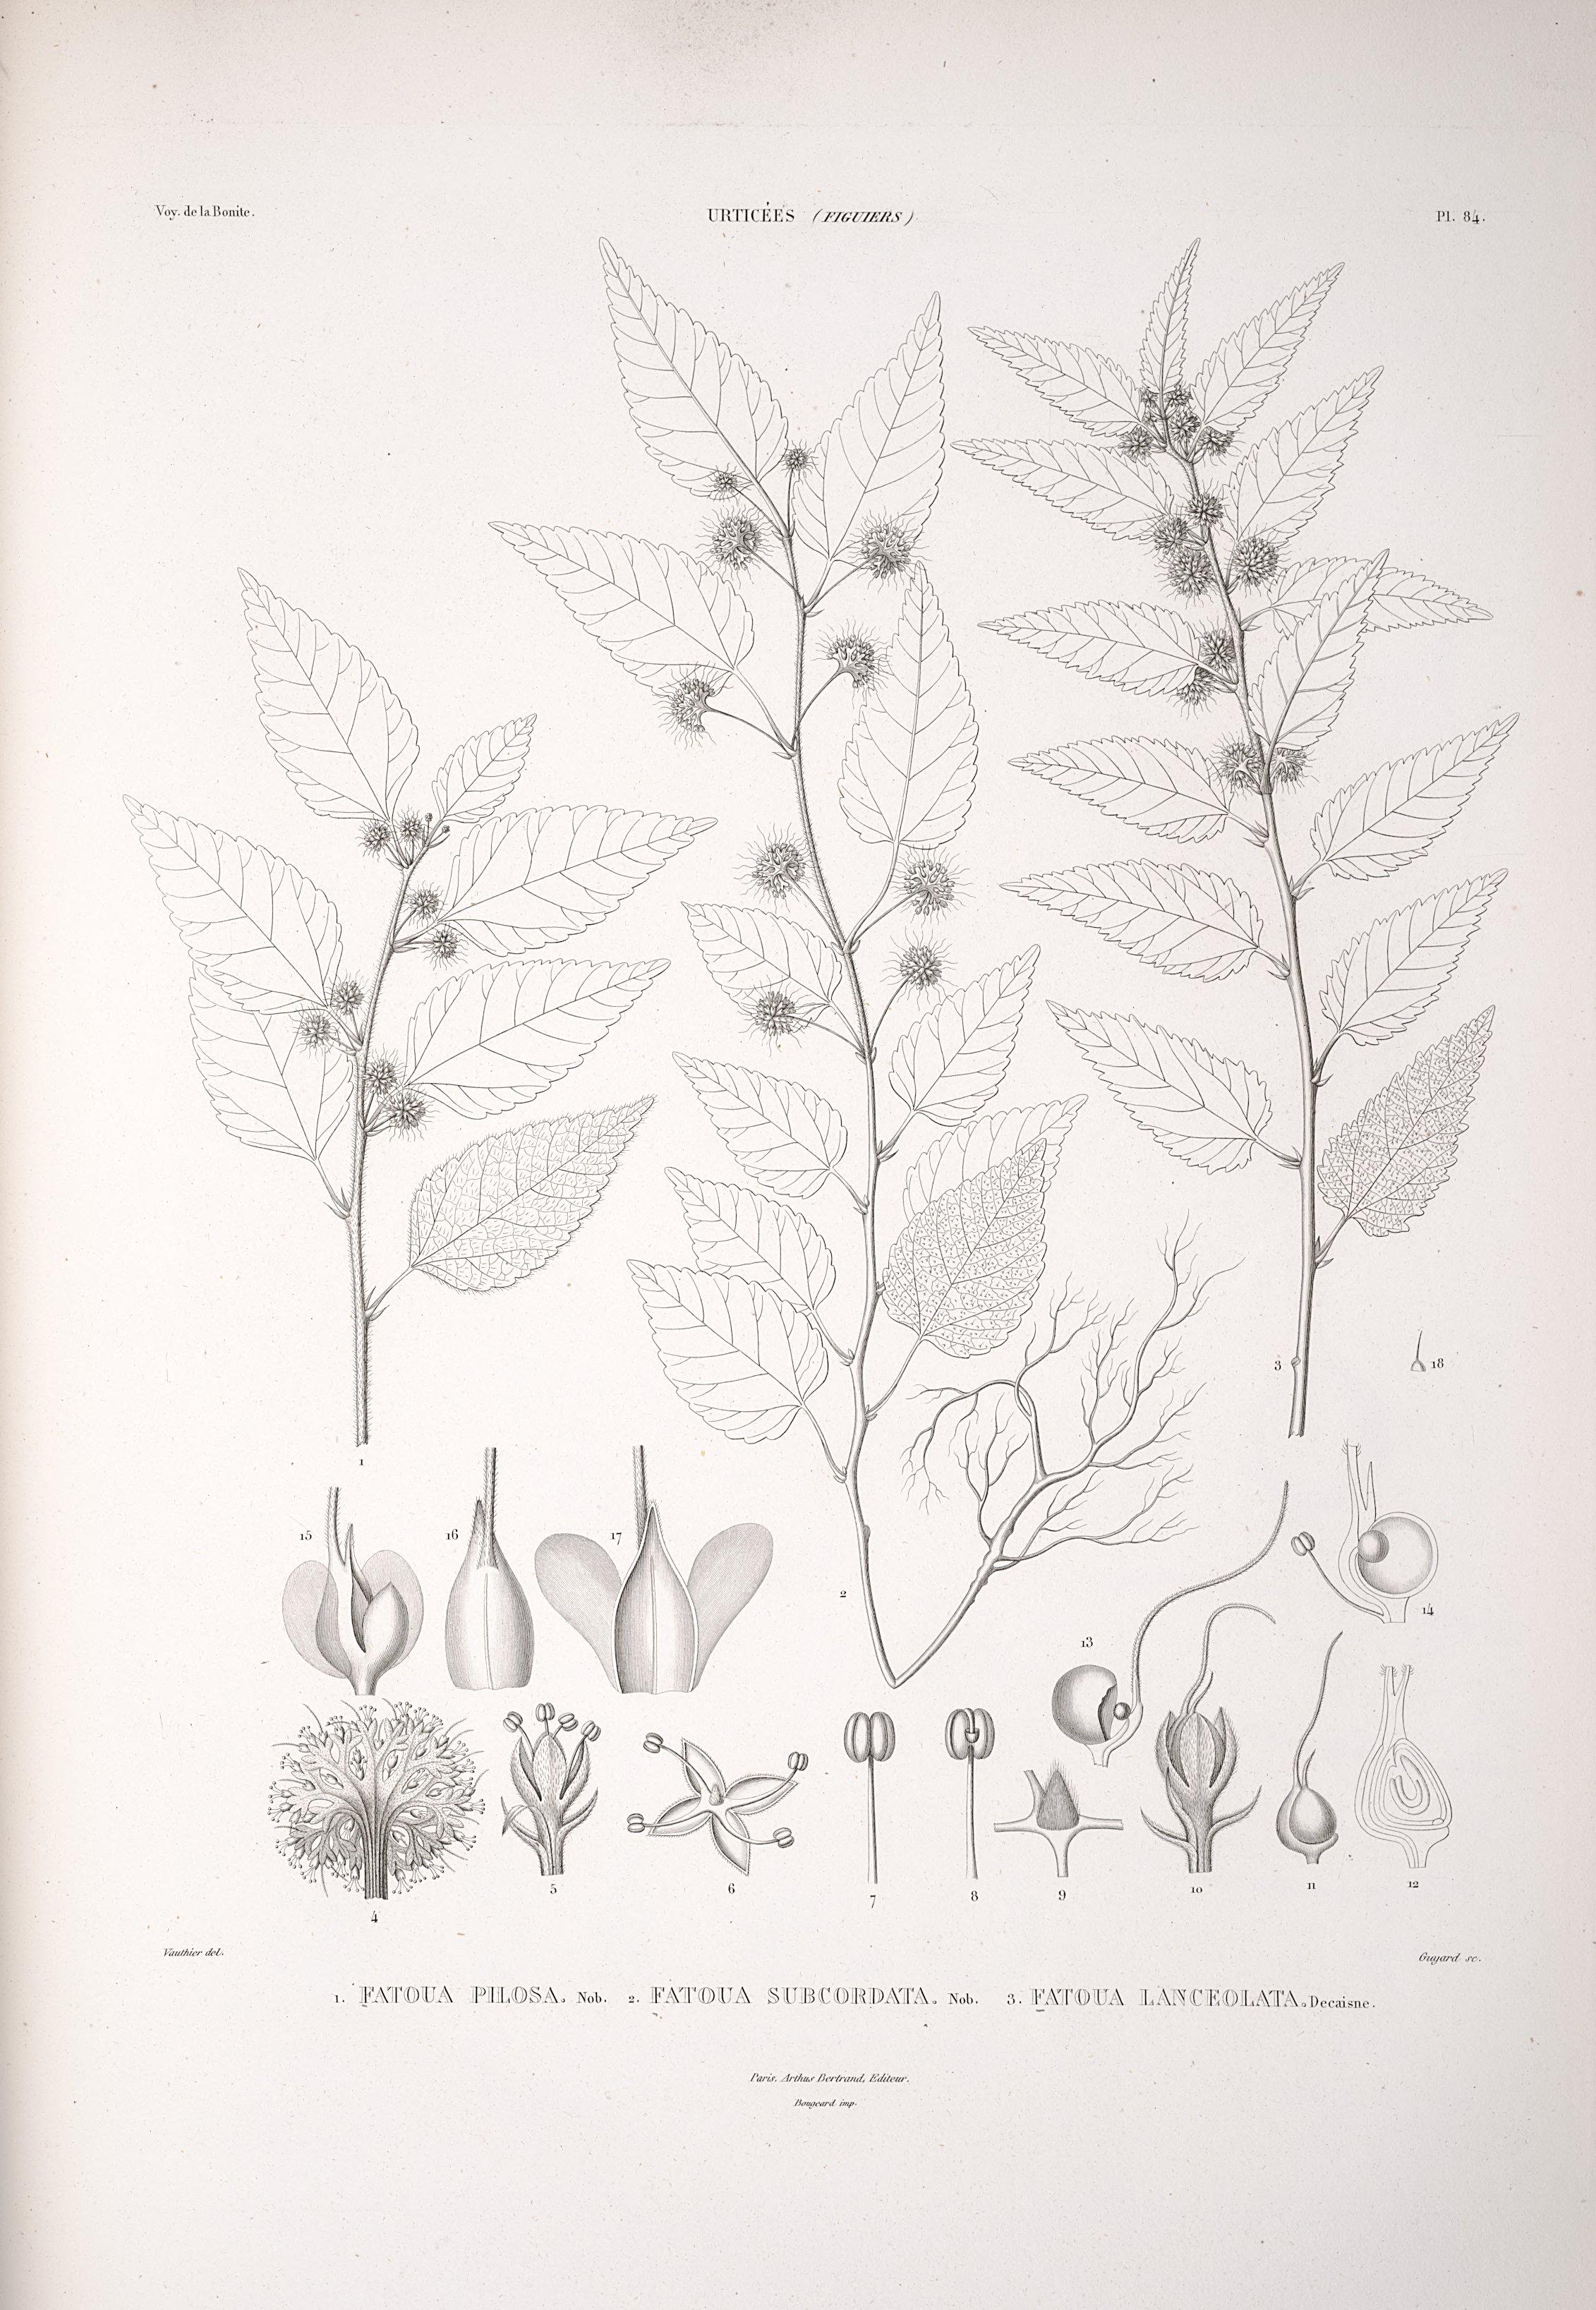 Fatoua villosa